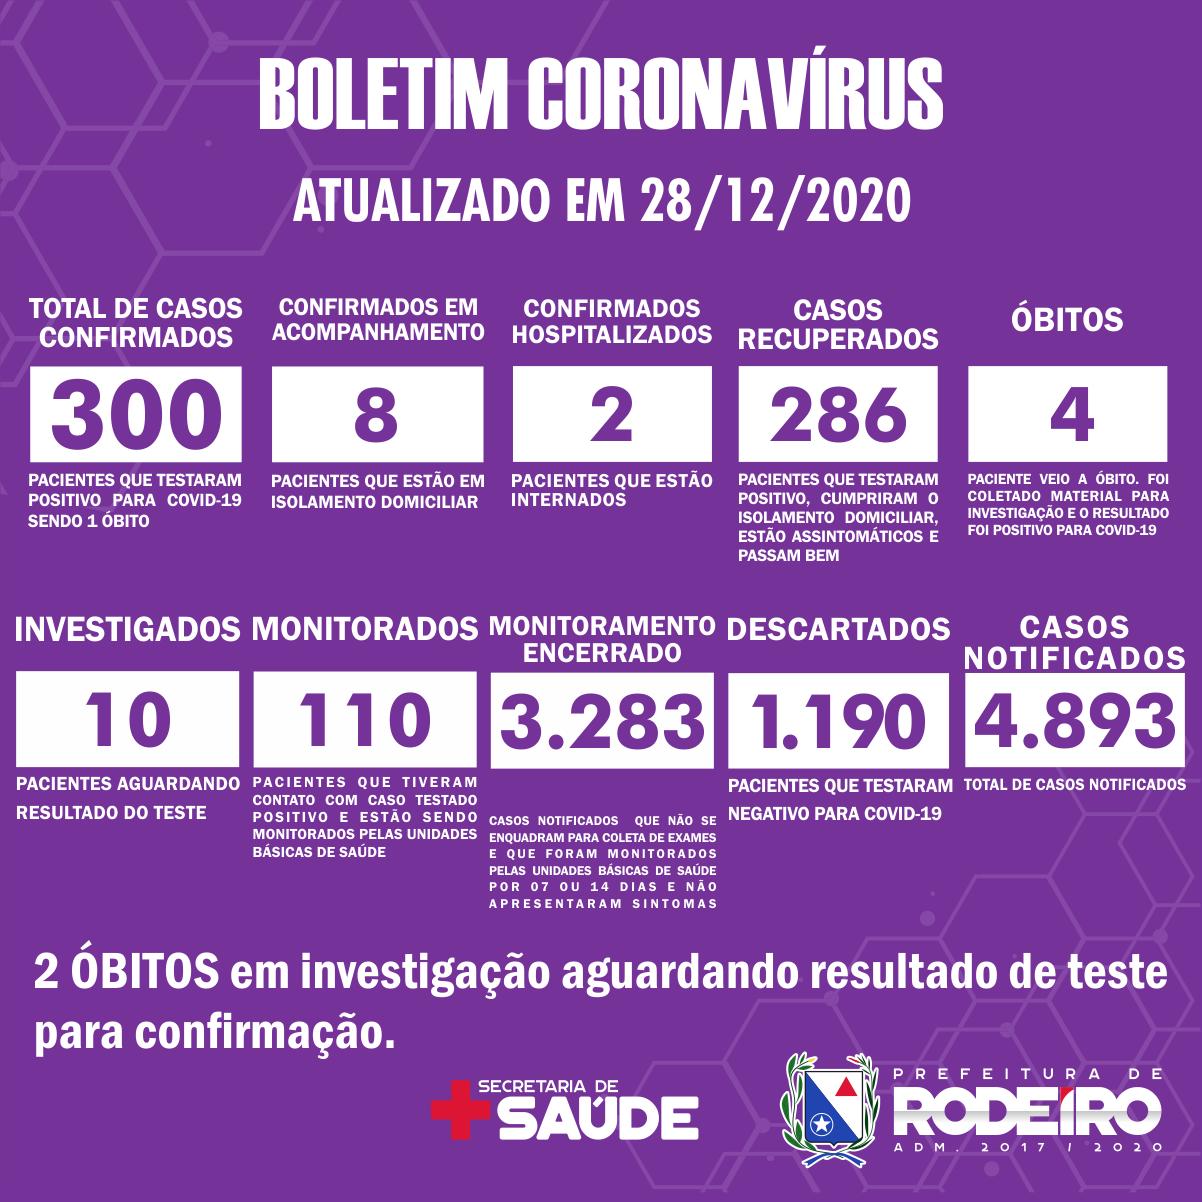 Boletim Epidemiológico do Município de Rodeiro sobre coronavírus, atualizado em 28/12/2020